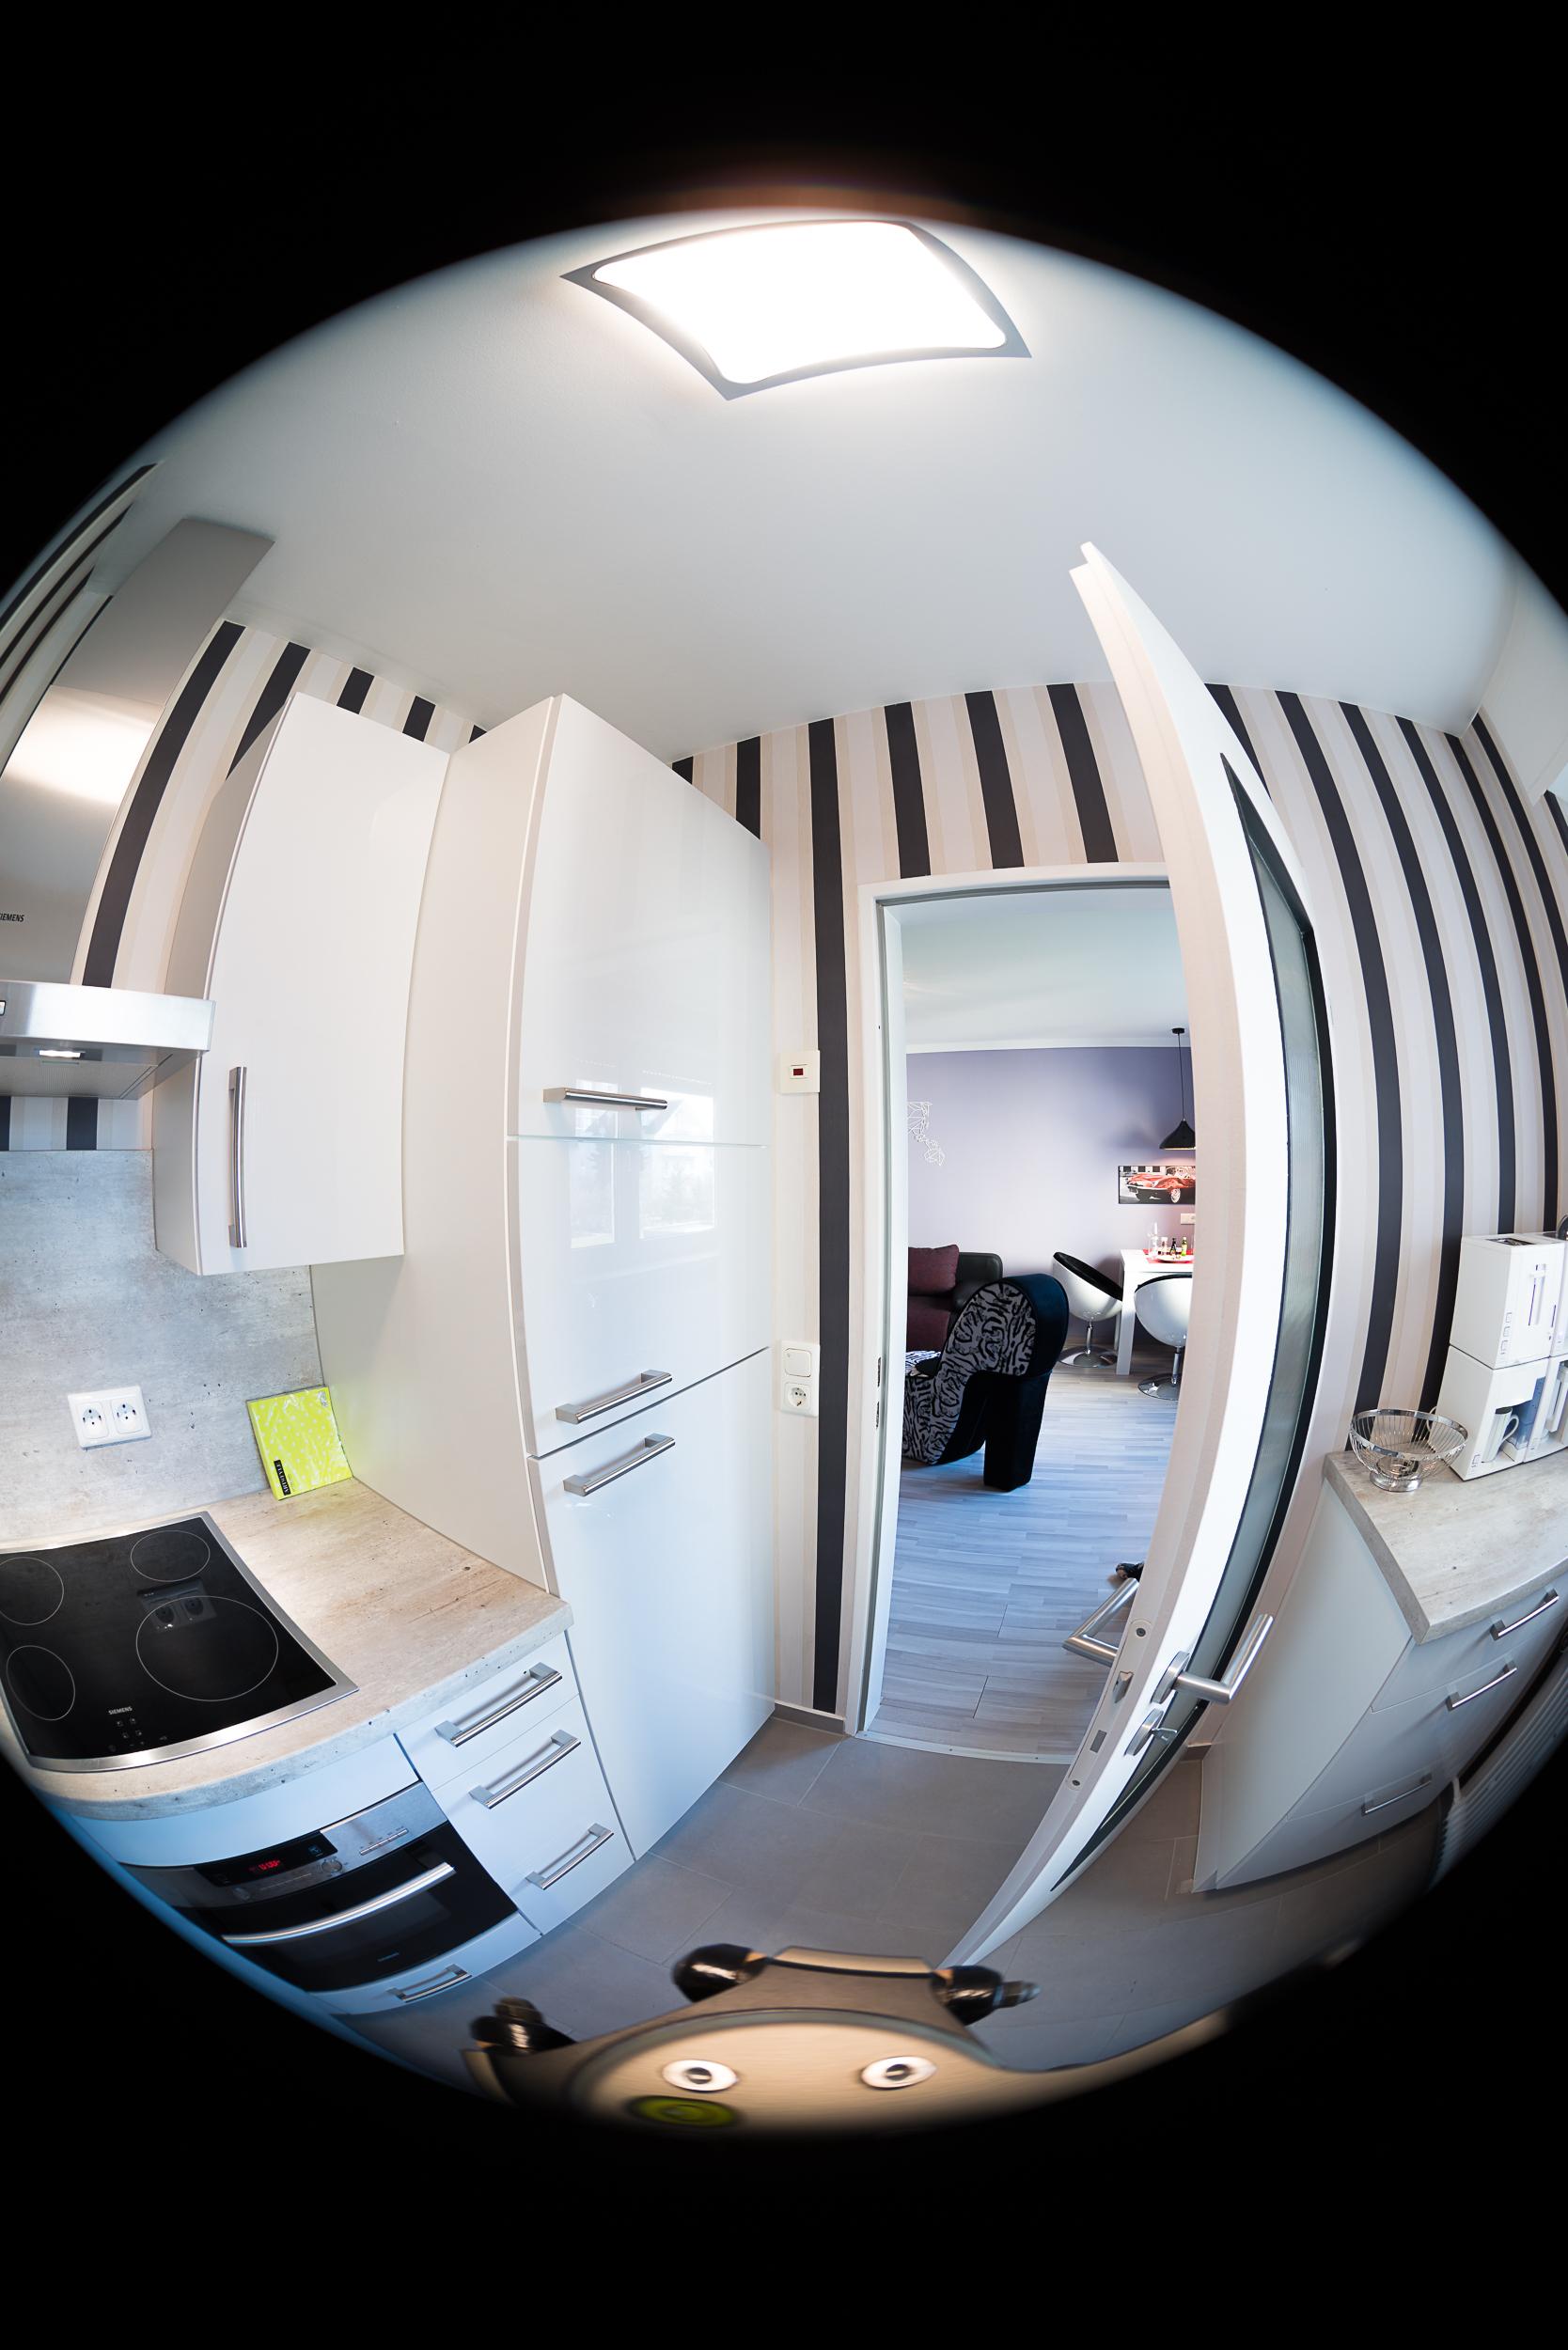 APS-C Fischeye Objektiv auf Vollformatkamera für 360° VR Touren